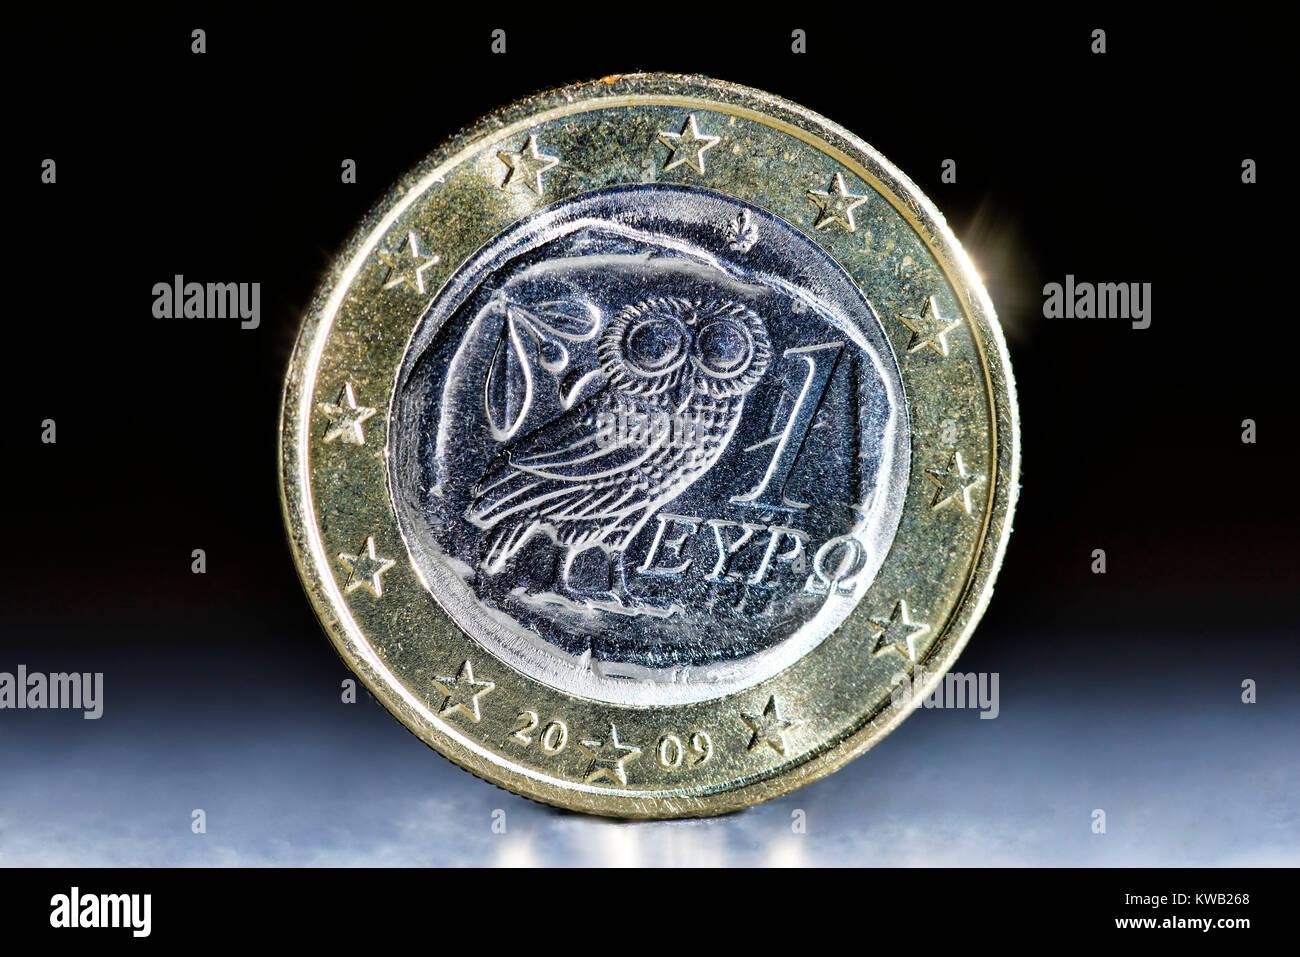 Greek euro-coin one, Griechische Ein-Euro-M?nze, Griechische Ein-Euro-Muenze - Stock Image